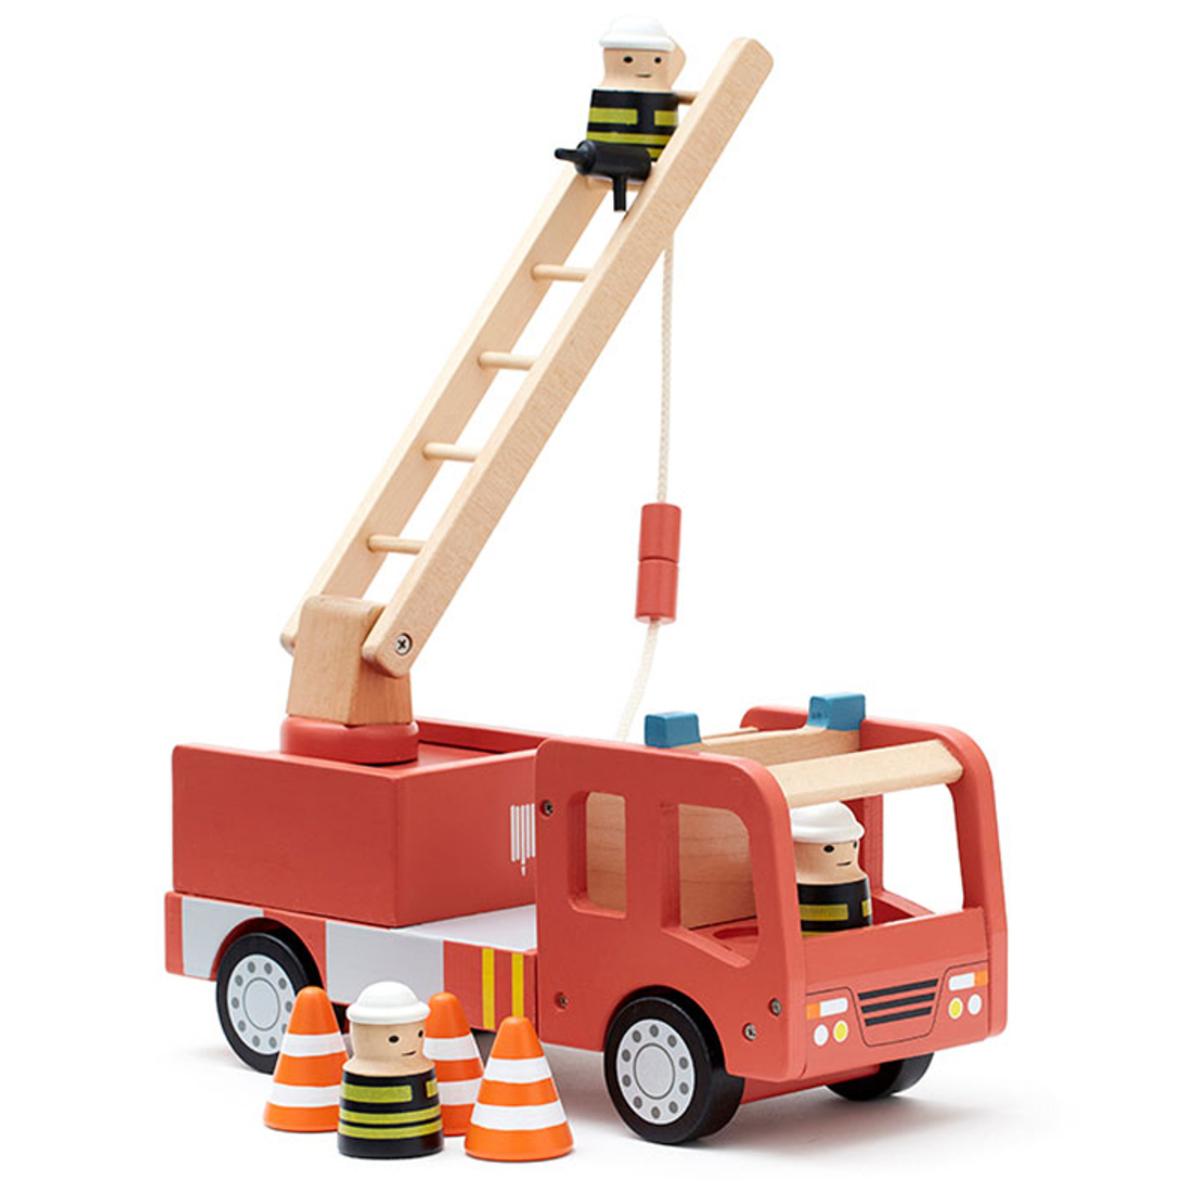 Mes premiers jouets Camion de Pompier Aiden Camion de Pompier Aiden